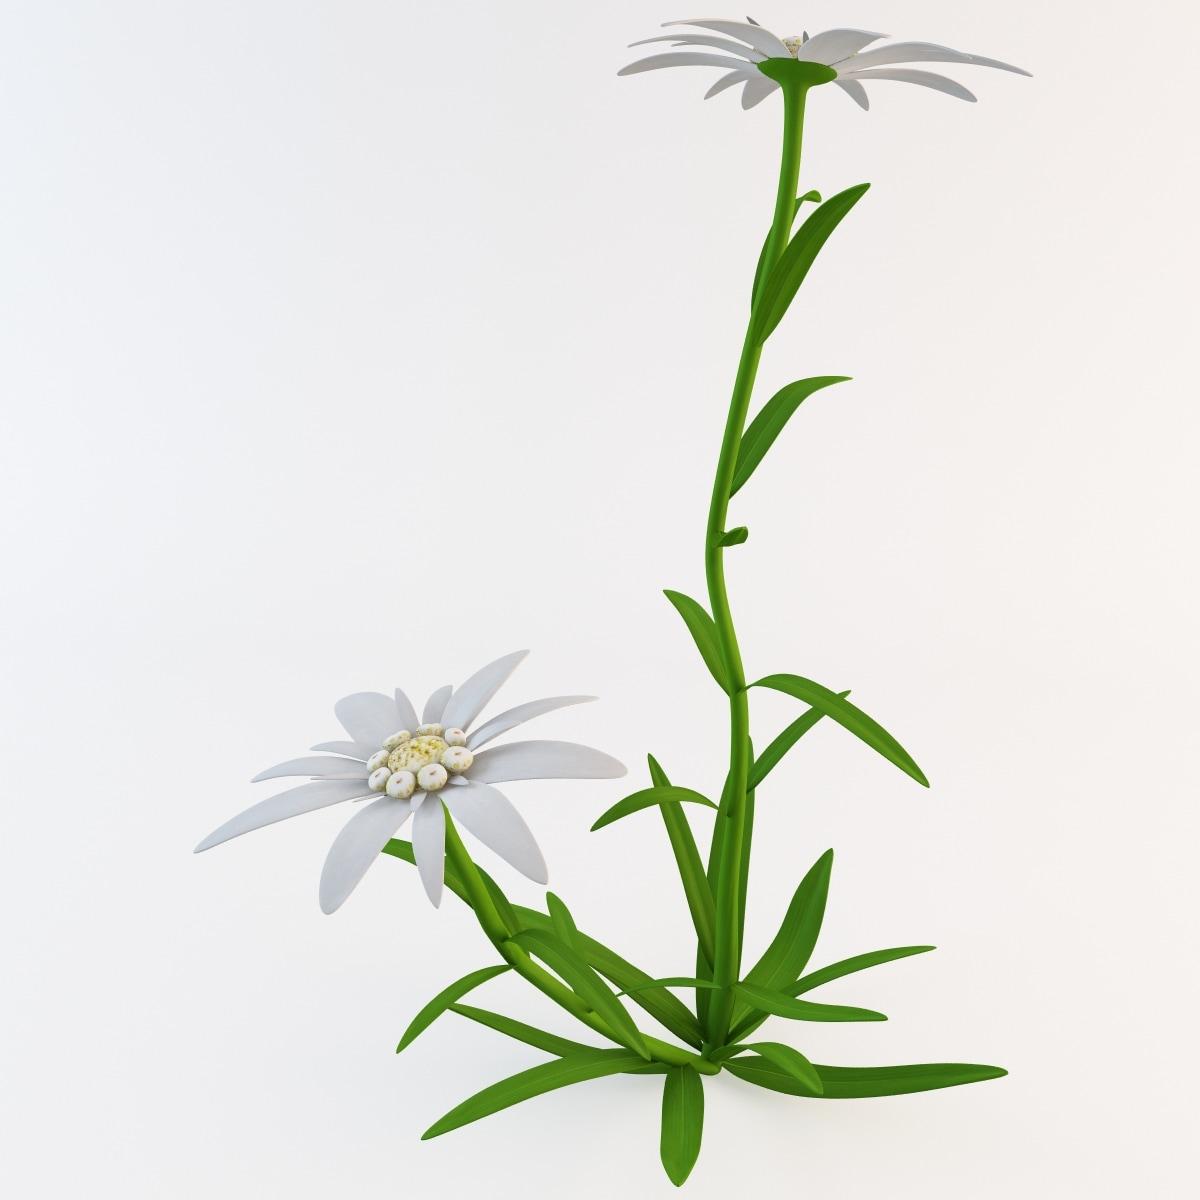 Edelweiss Flower